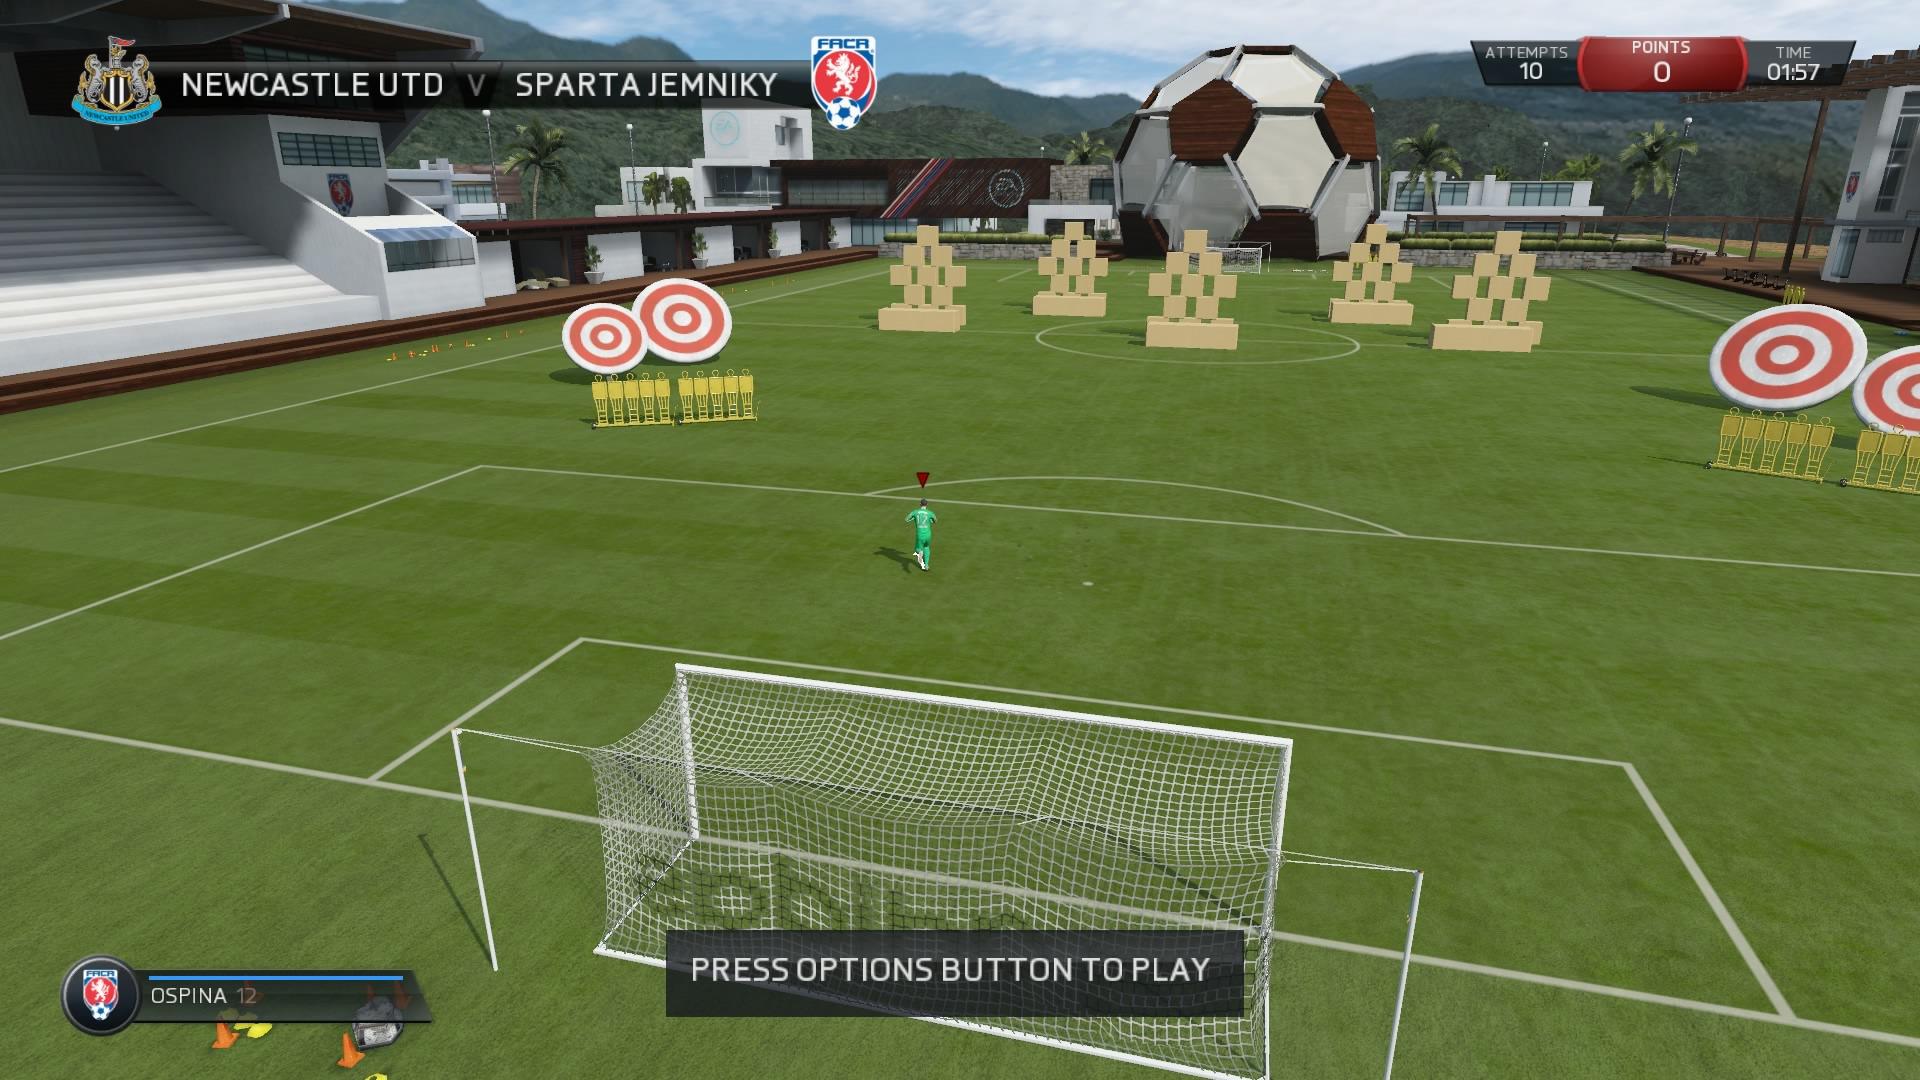 FIFA 15 – sportu zdar a fotbalu od EA Sports zvlášť 102096